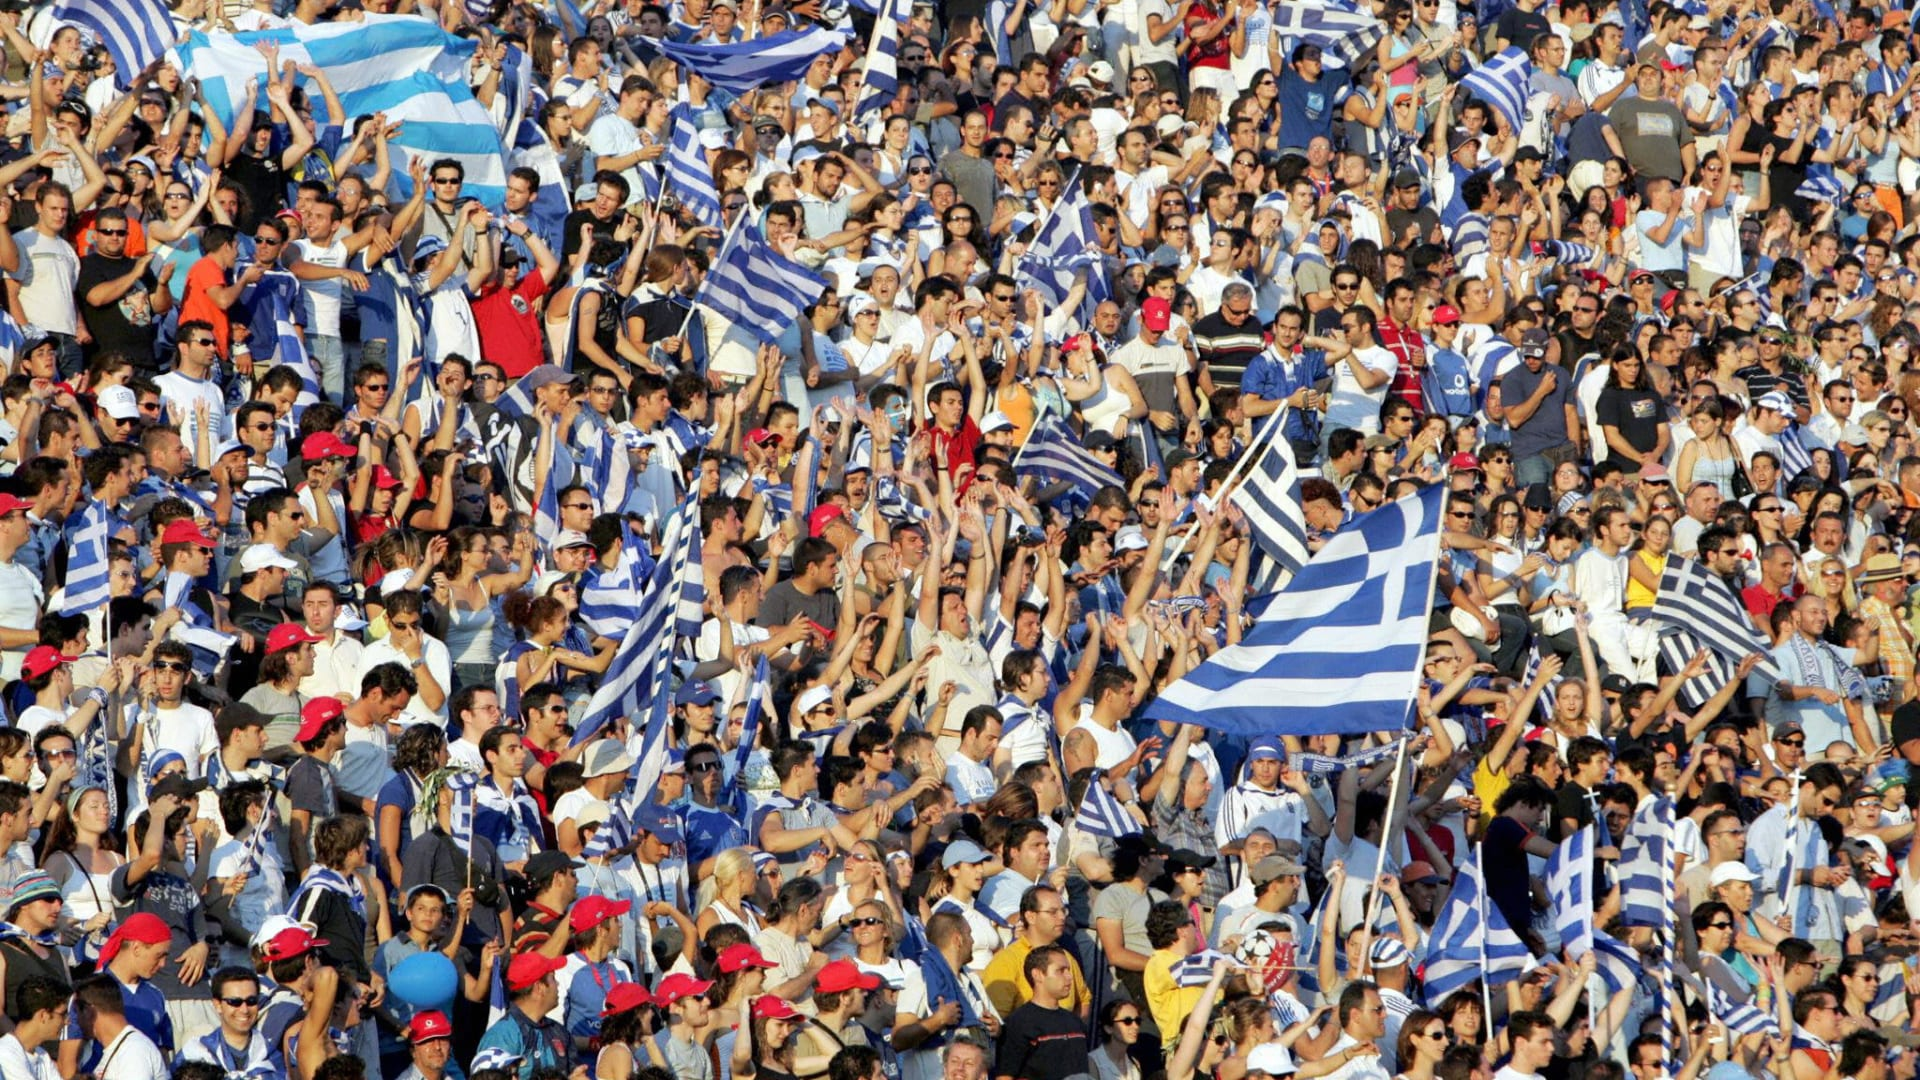 حكاية اليورو: قياصرة اليونان أبطال يورو 2004